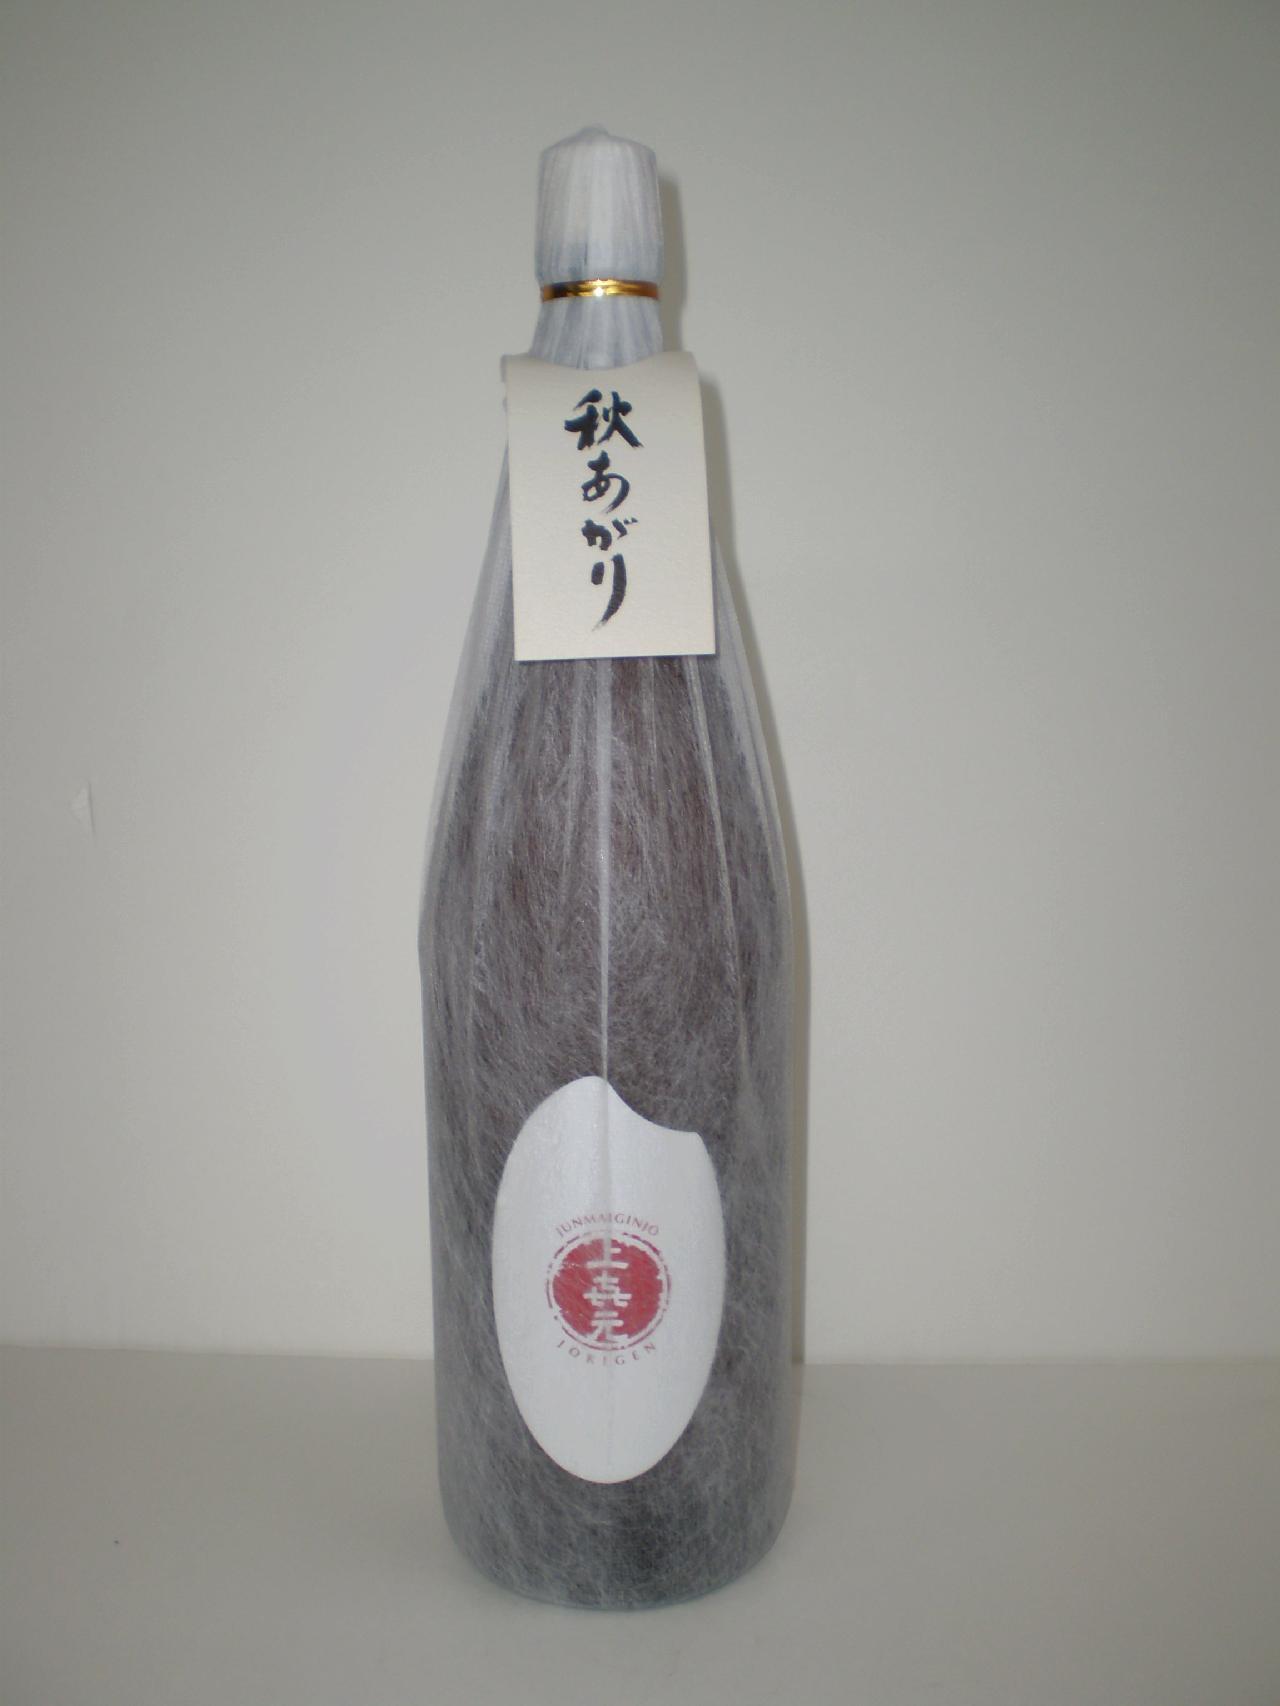 上喜元 純米吟醸秋あがり 1800ml 酒田酒造